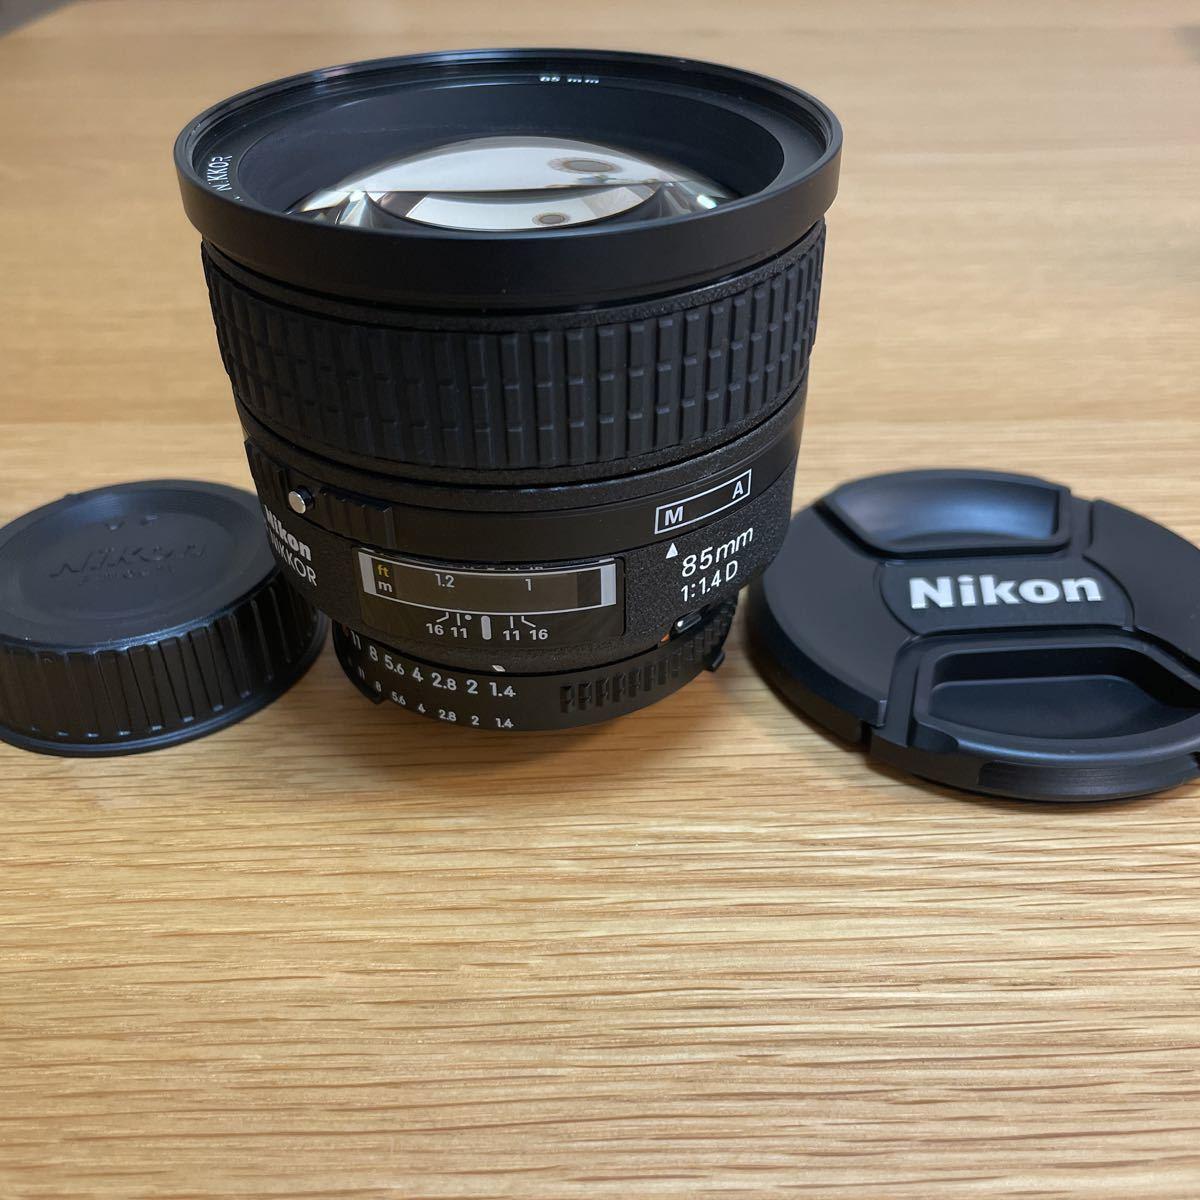 ニコン Nikon AI AF Nikkor 85mm f/1.4D【美品】